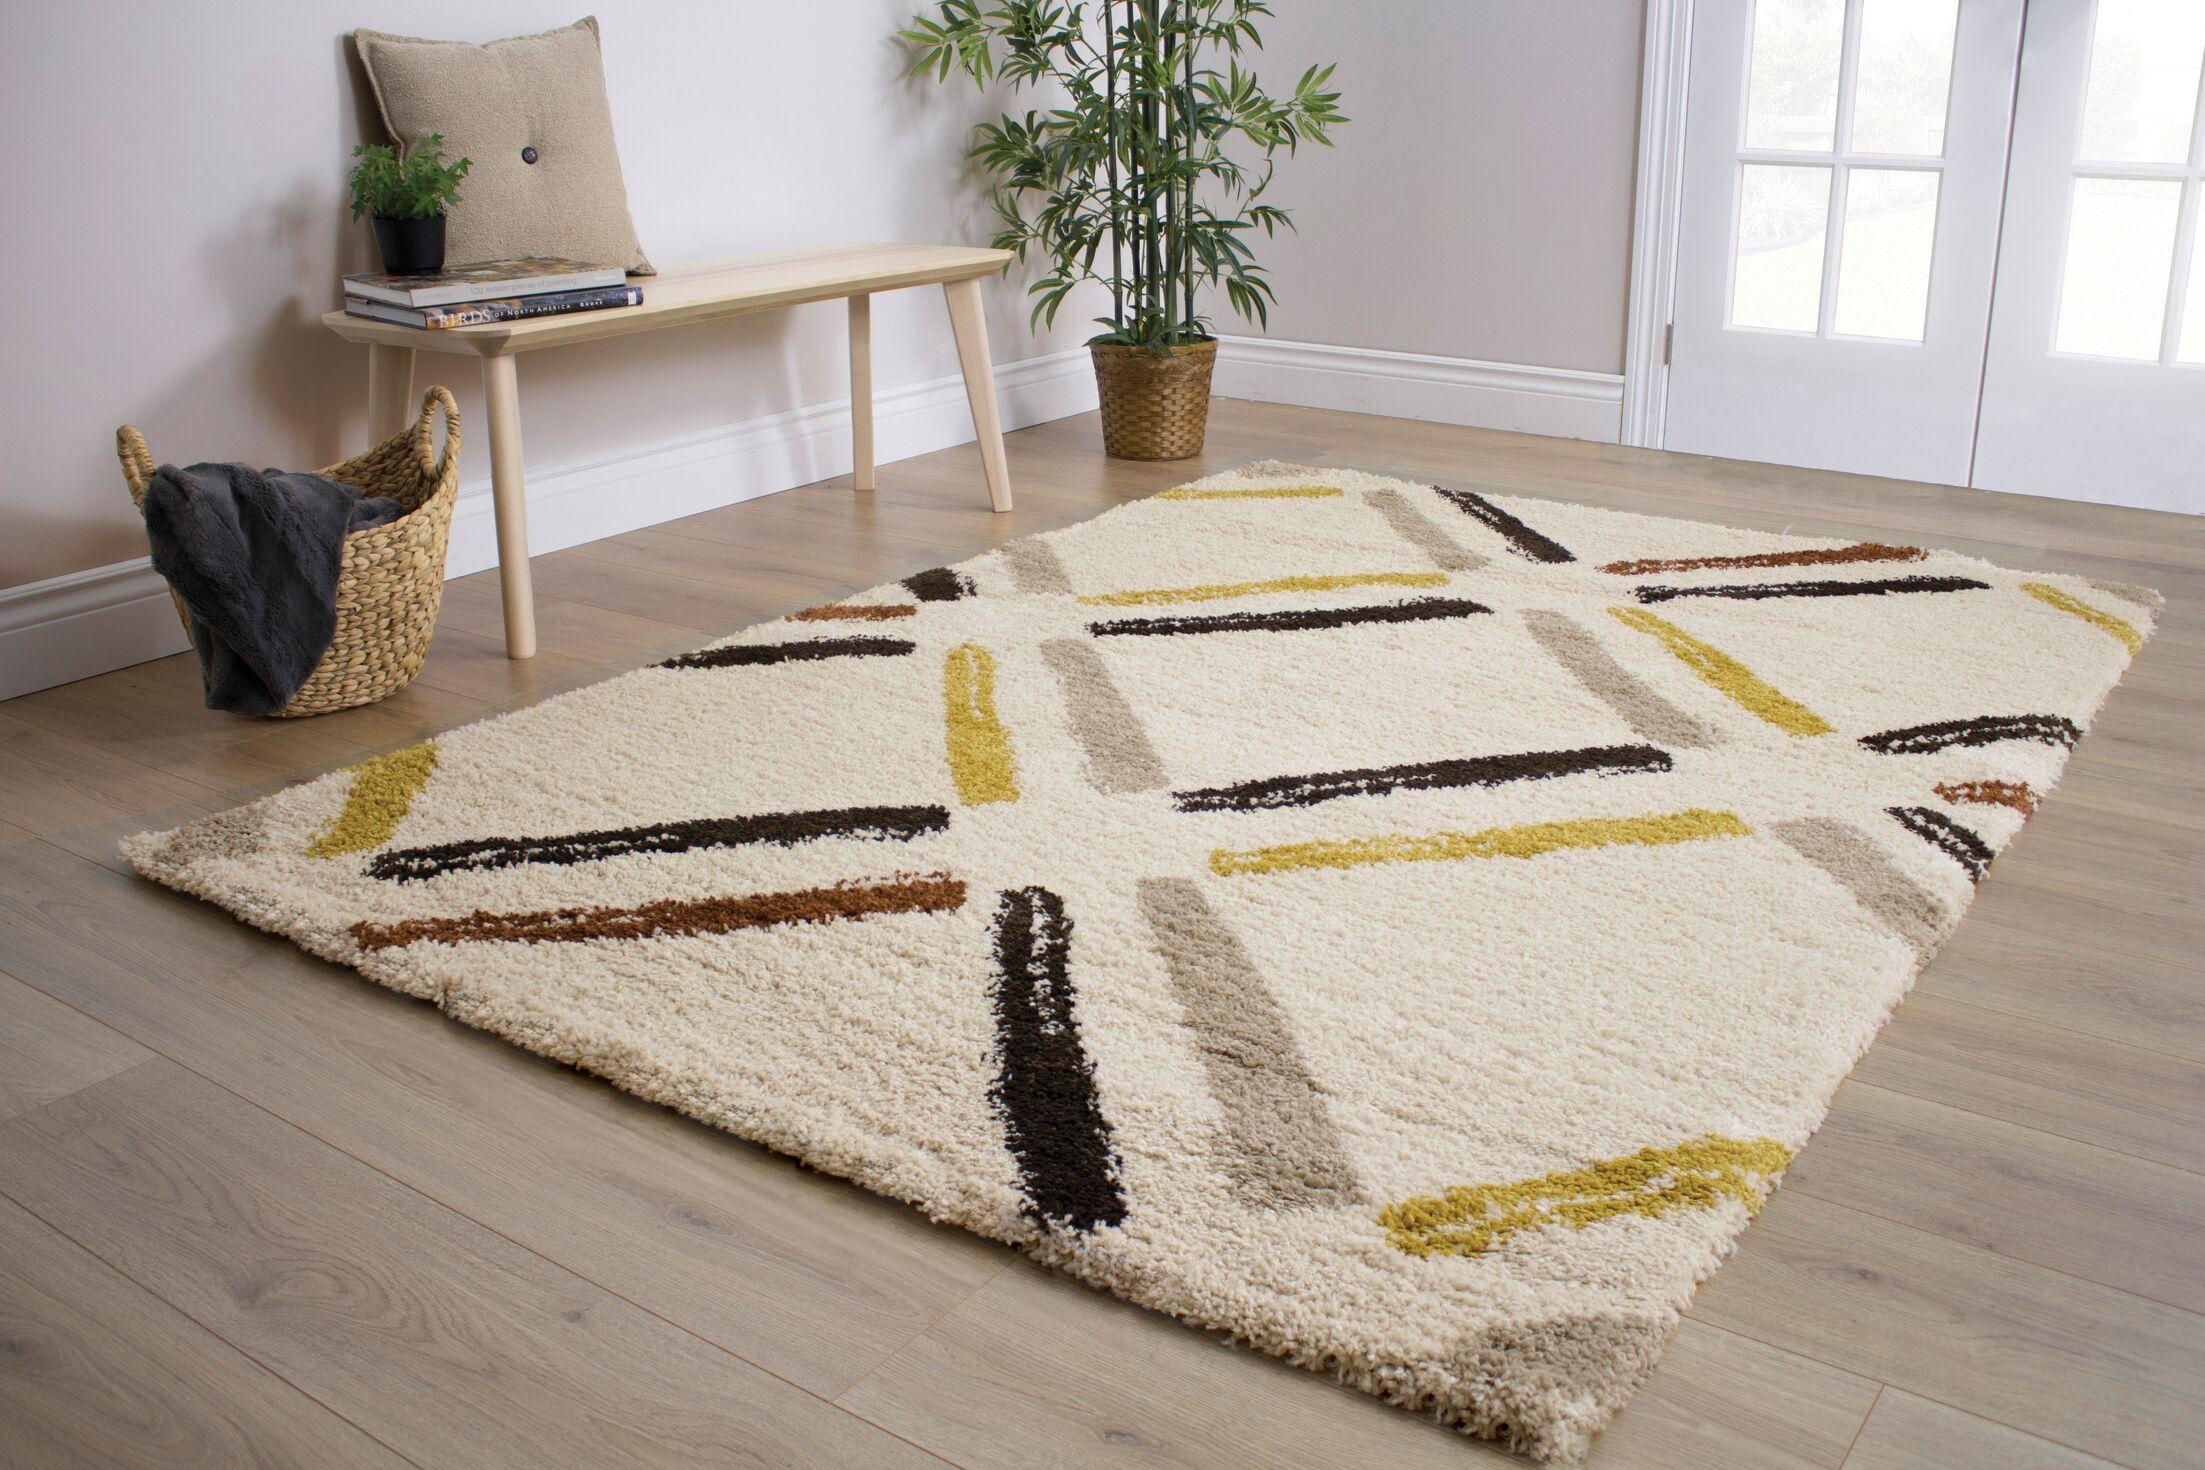 Delgadillo Tiles Soft Touch Cream Area Rug Rug Size: 5'3